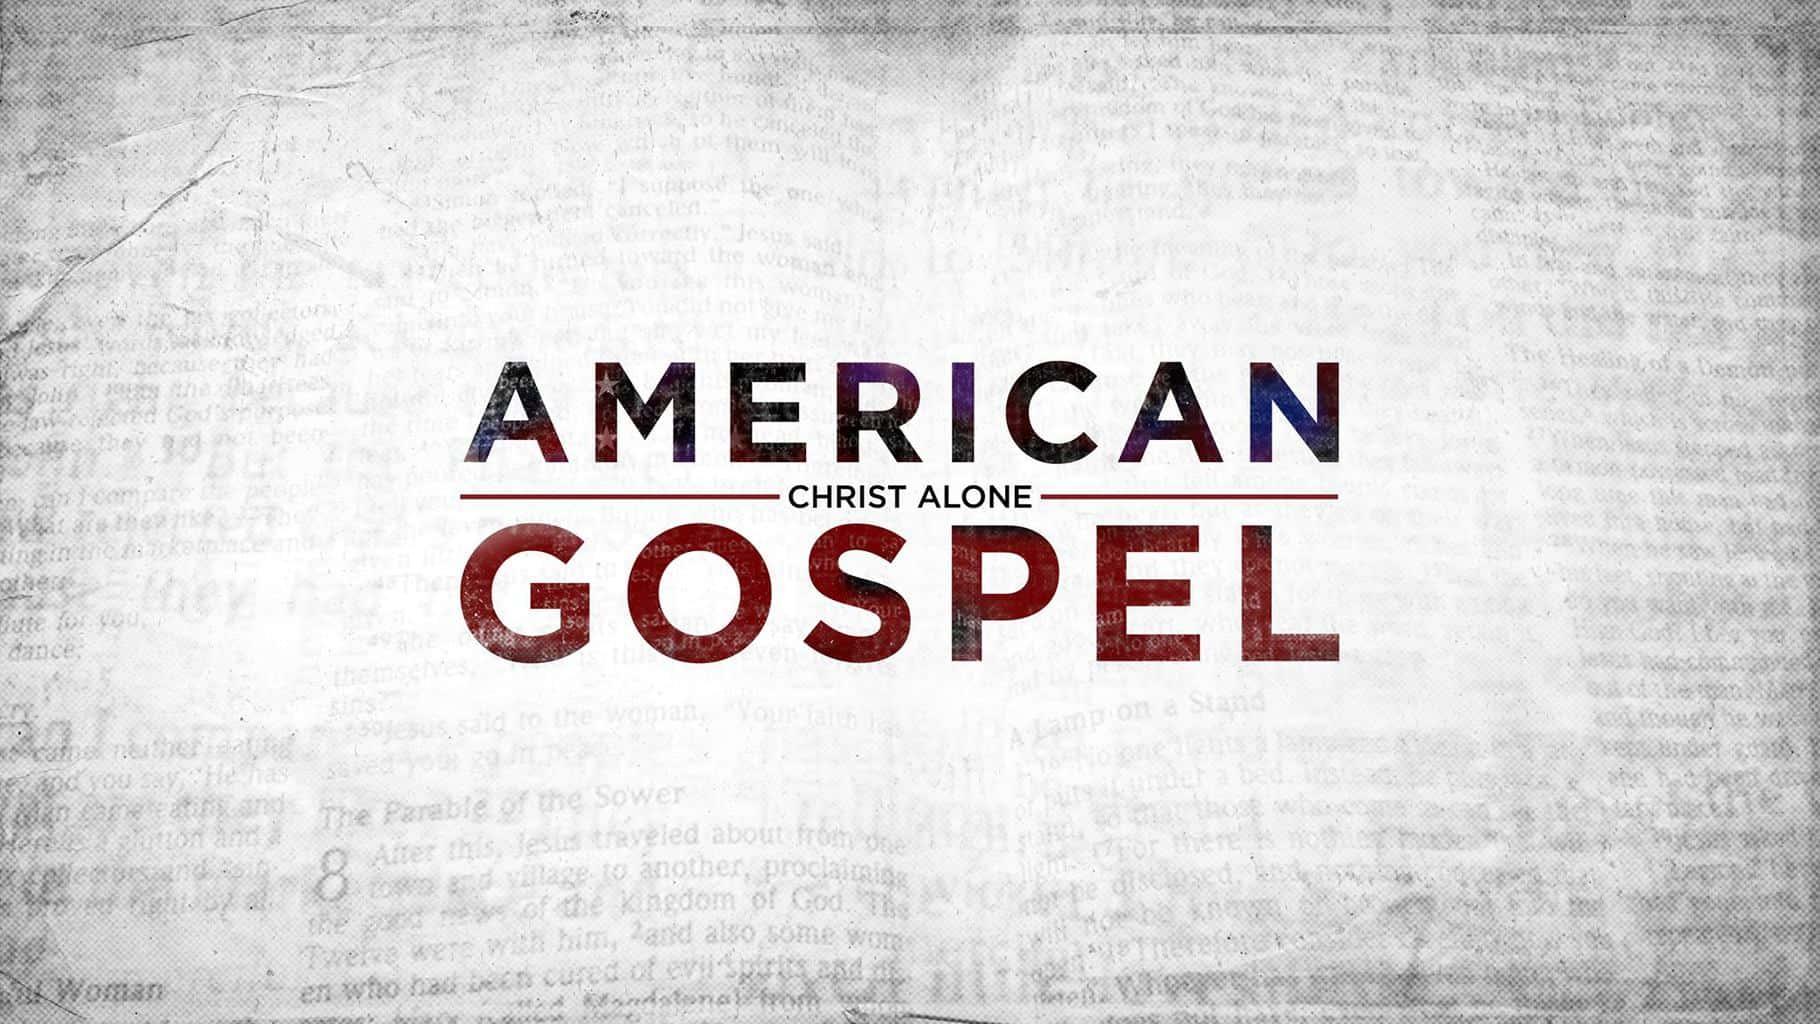 Una forma de usar el documental «American Gospel» [Evangelio americano] en tu iglesia